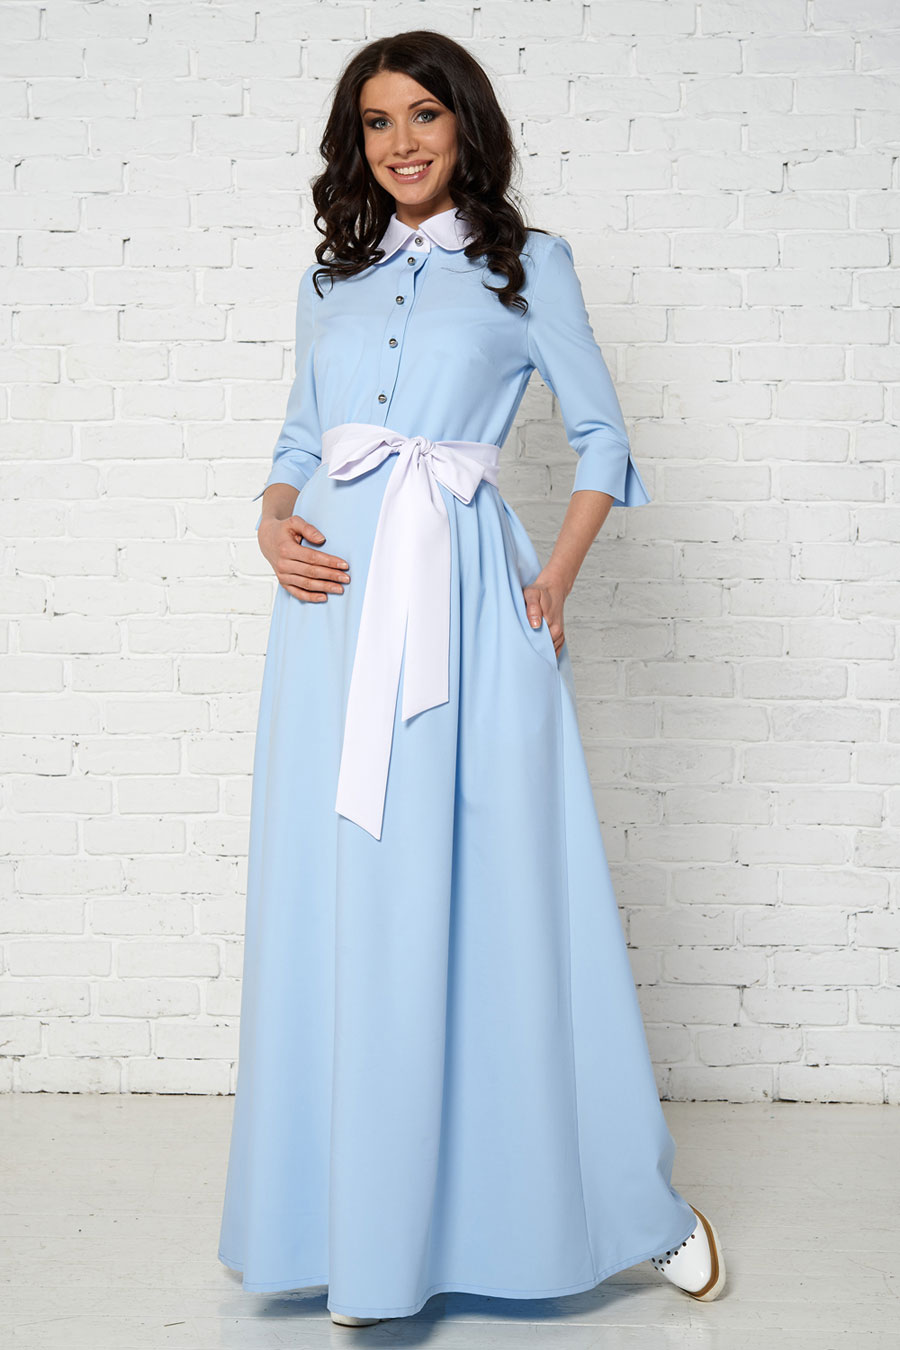 5a0f9bab8559f2d Фото Платье Bambinomania Аквапезе голубое с бантом для беременных и кормящих  от магазина Kidster